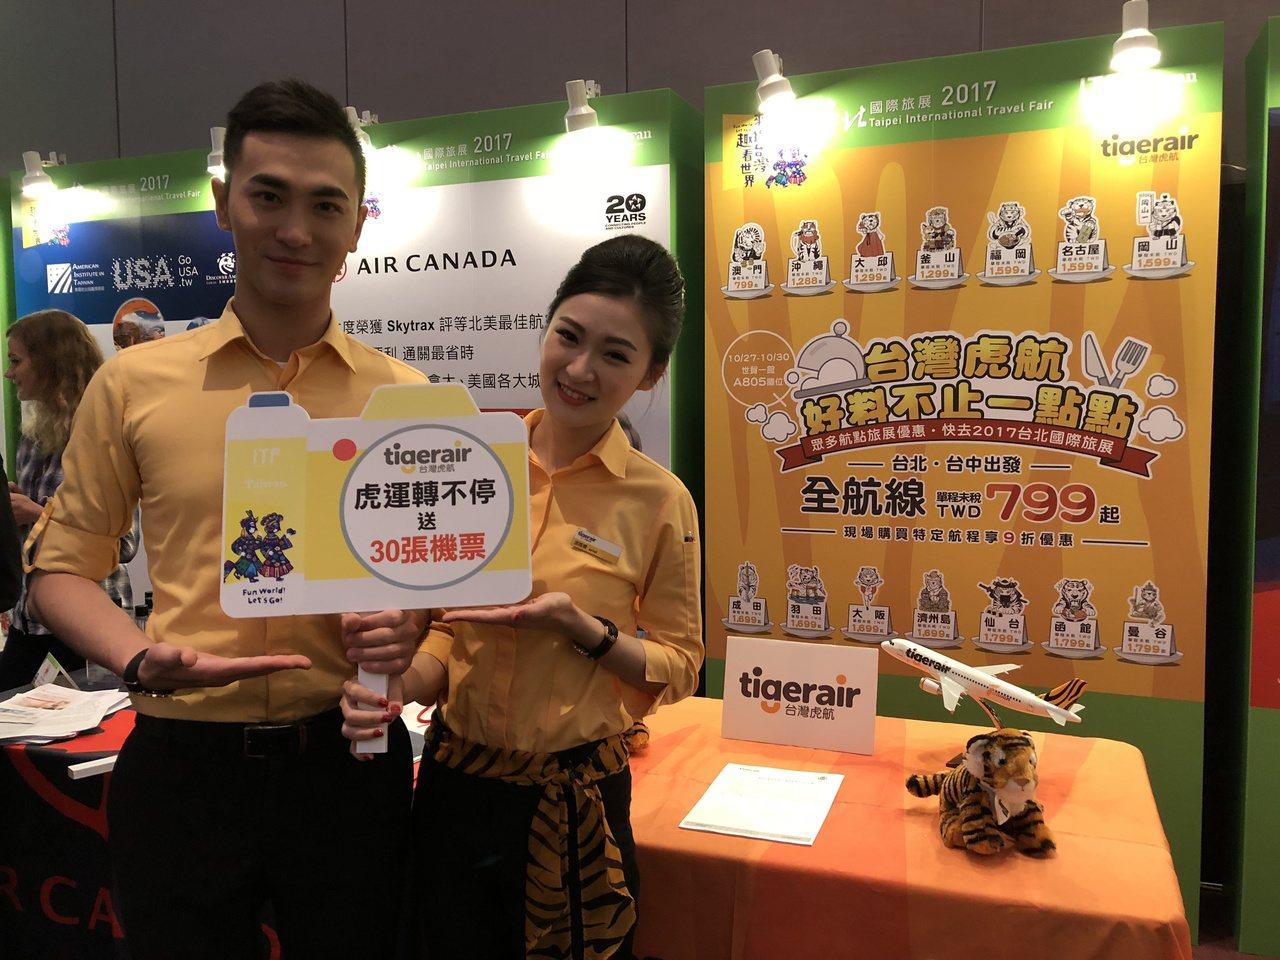 台灣虎航將於旅展現場推出轉盤活動,送出30張免費機票。圖/台灣虎航提供